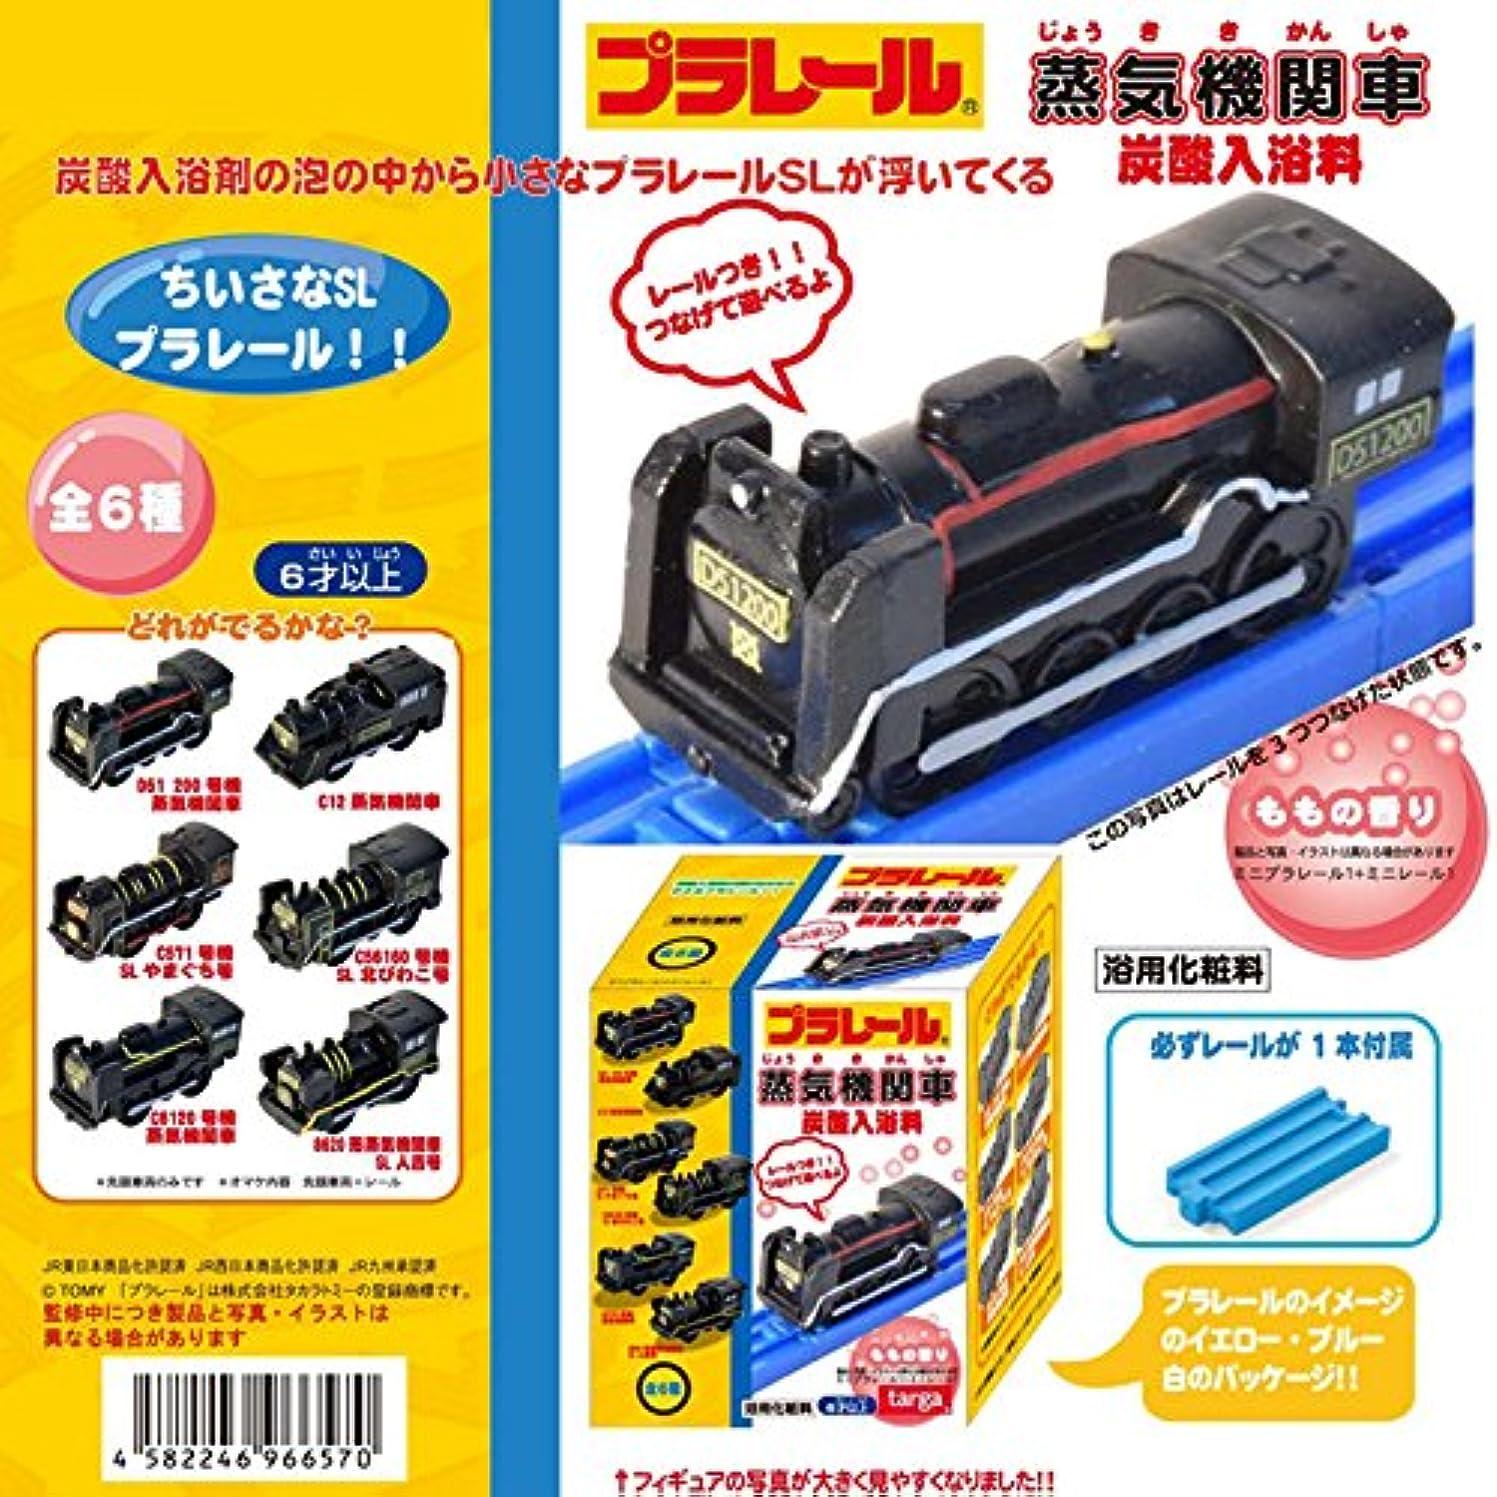 西部主要な奨励しますプラレール 蒸気機関車 炭酸入浴料 6個1セット ももの香り レールつき機関車 入浴剤